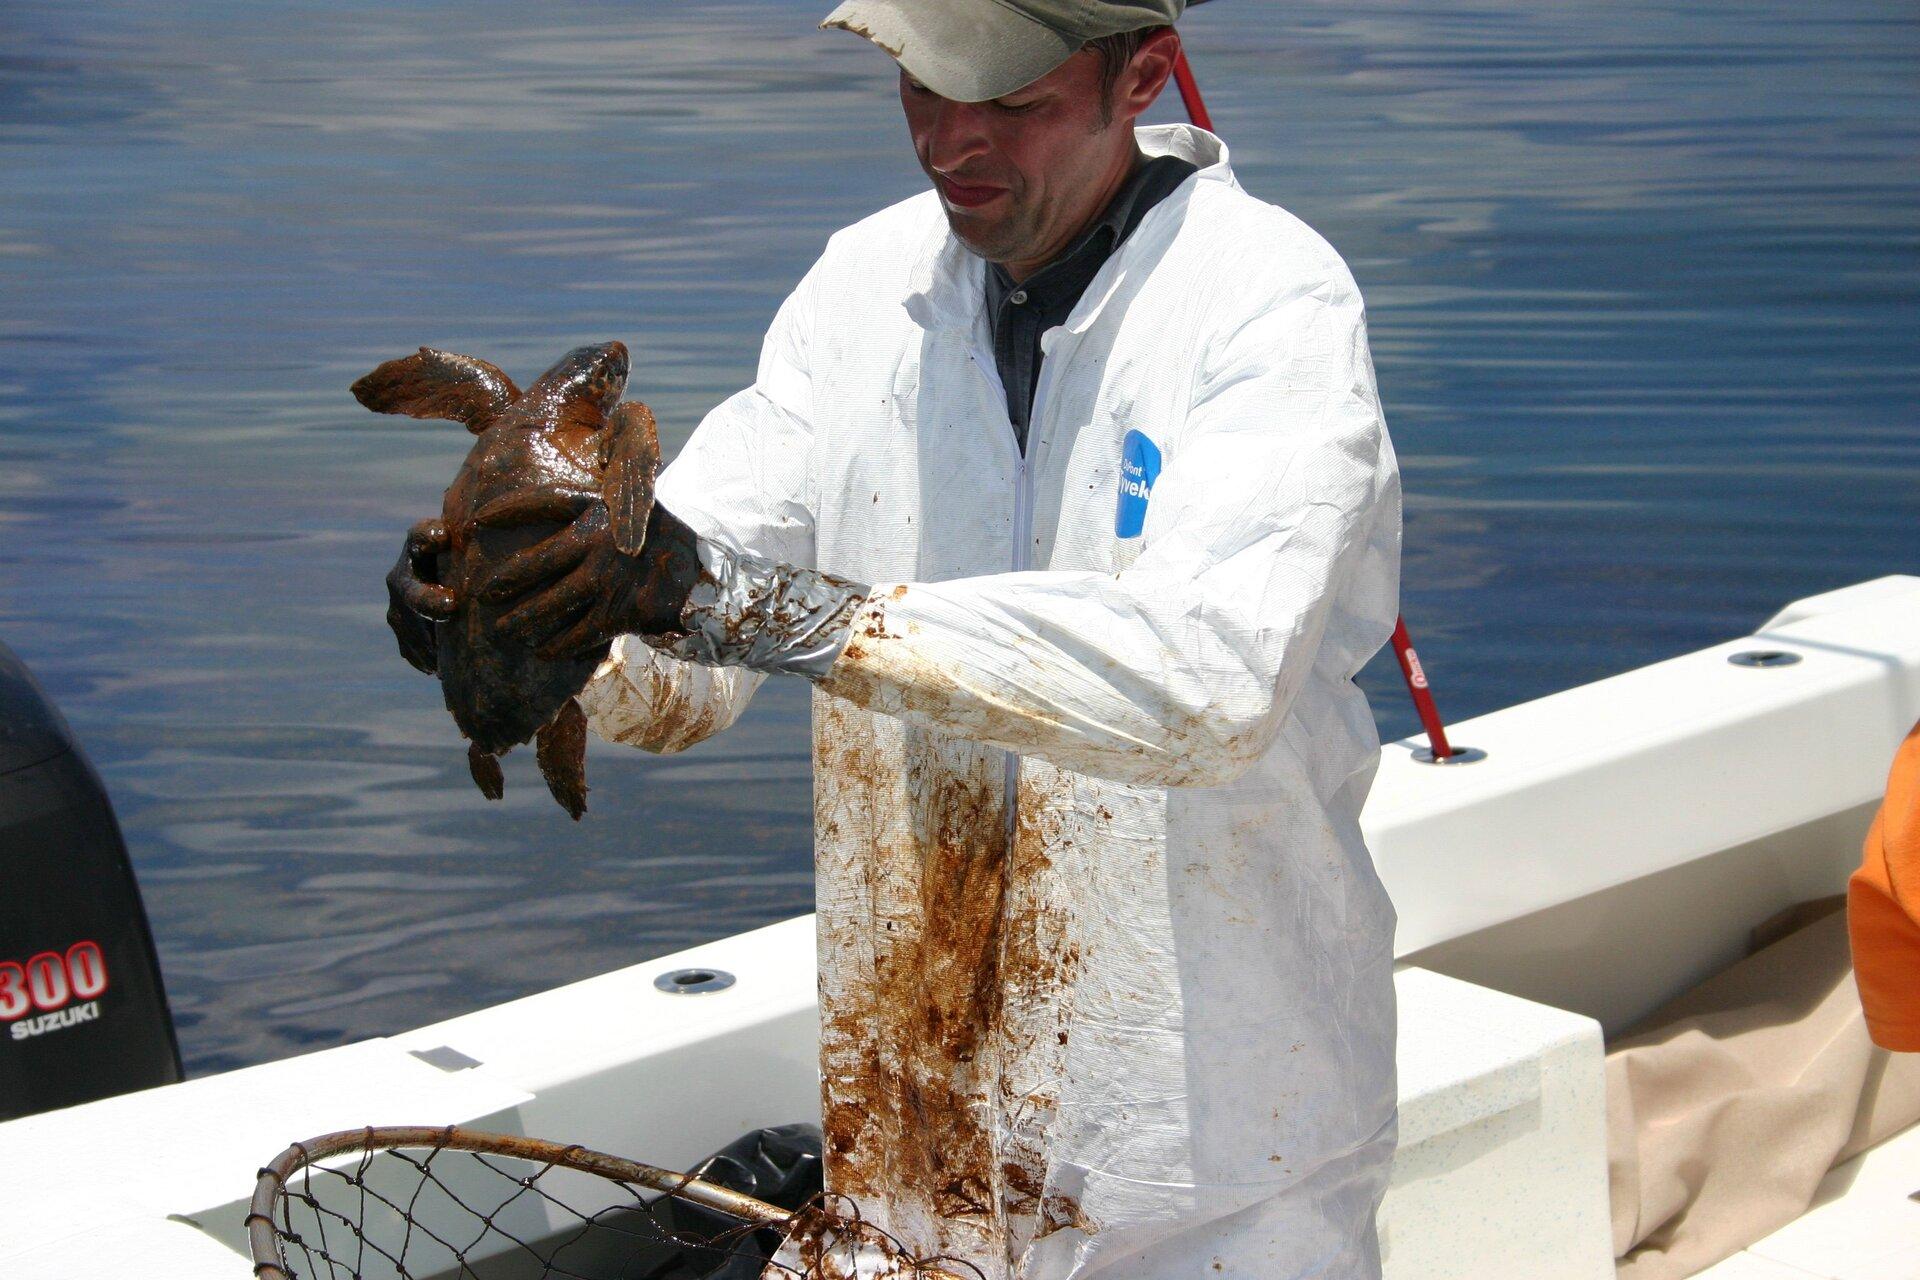 Na zdjęciu lekarz weterynarii wbiałym fartuchu pobrudzonym brązową cieczą. Trzyma wrękach żółwia zabrudzonego ropą naftową.